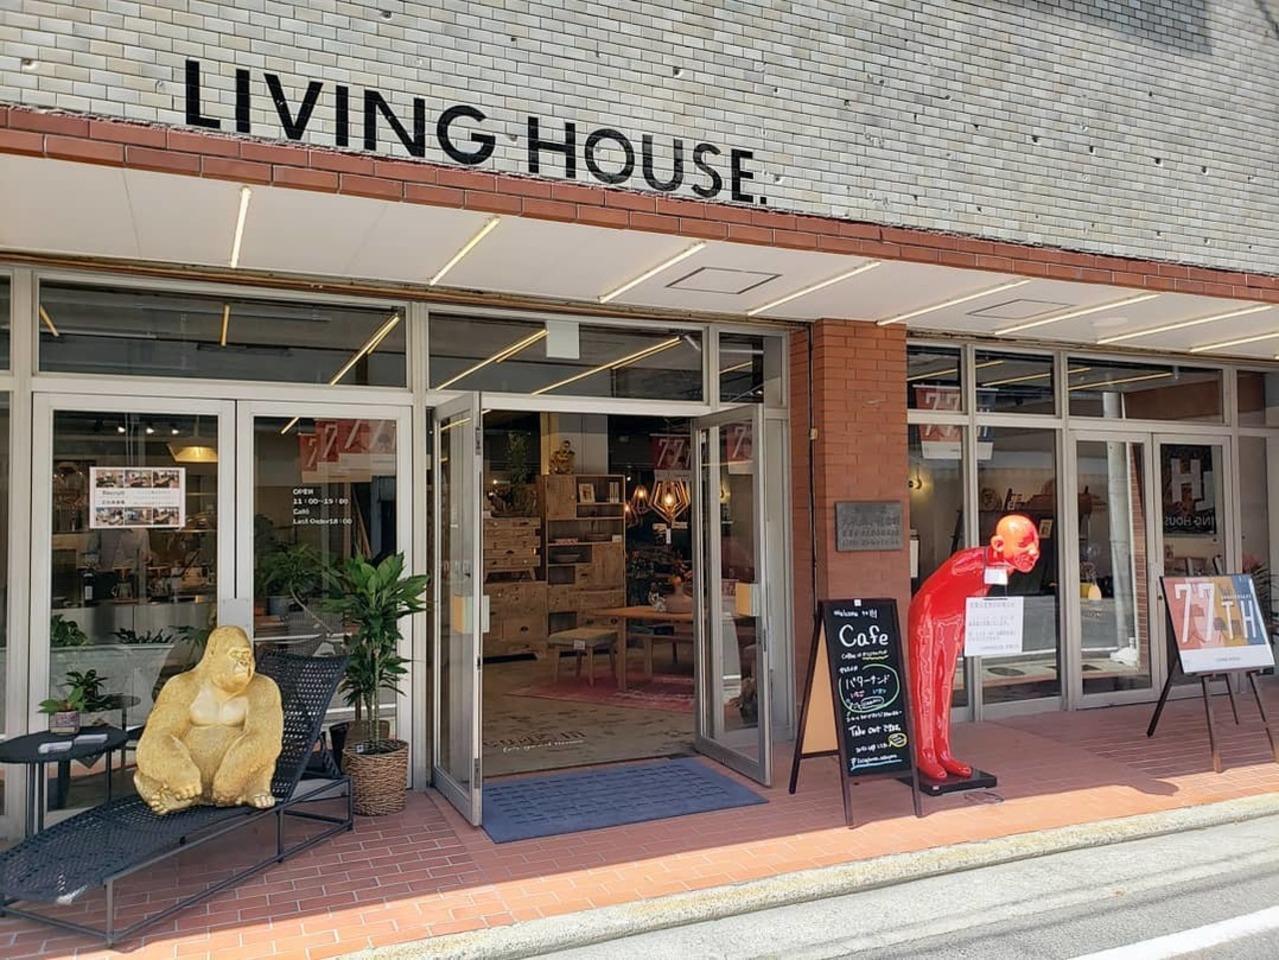 【 リビングハウス和歌山店 】インテリアショップ(和歌山県和歌山市)